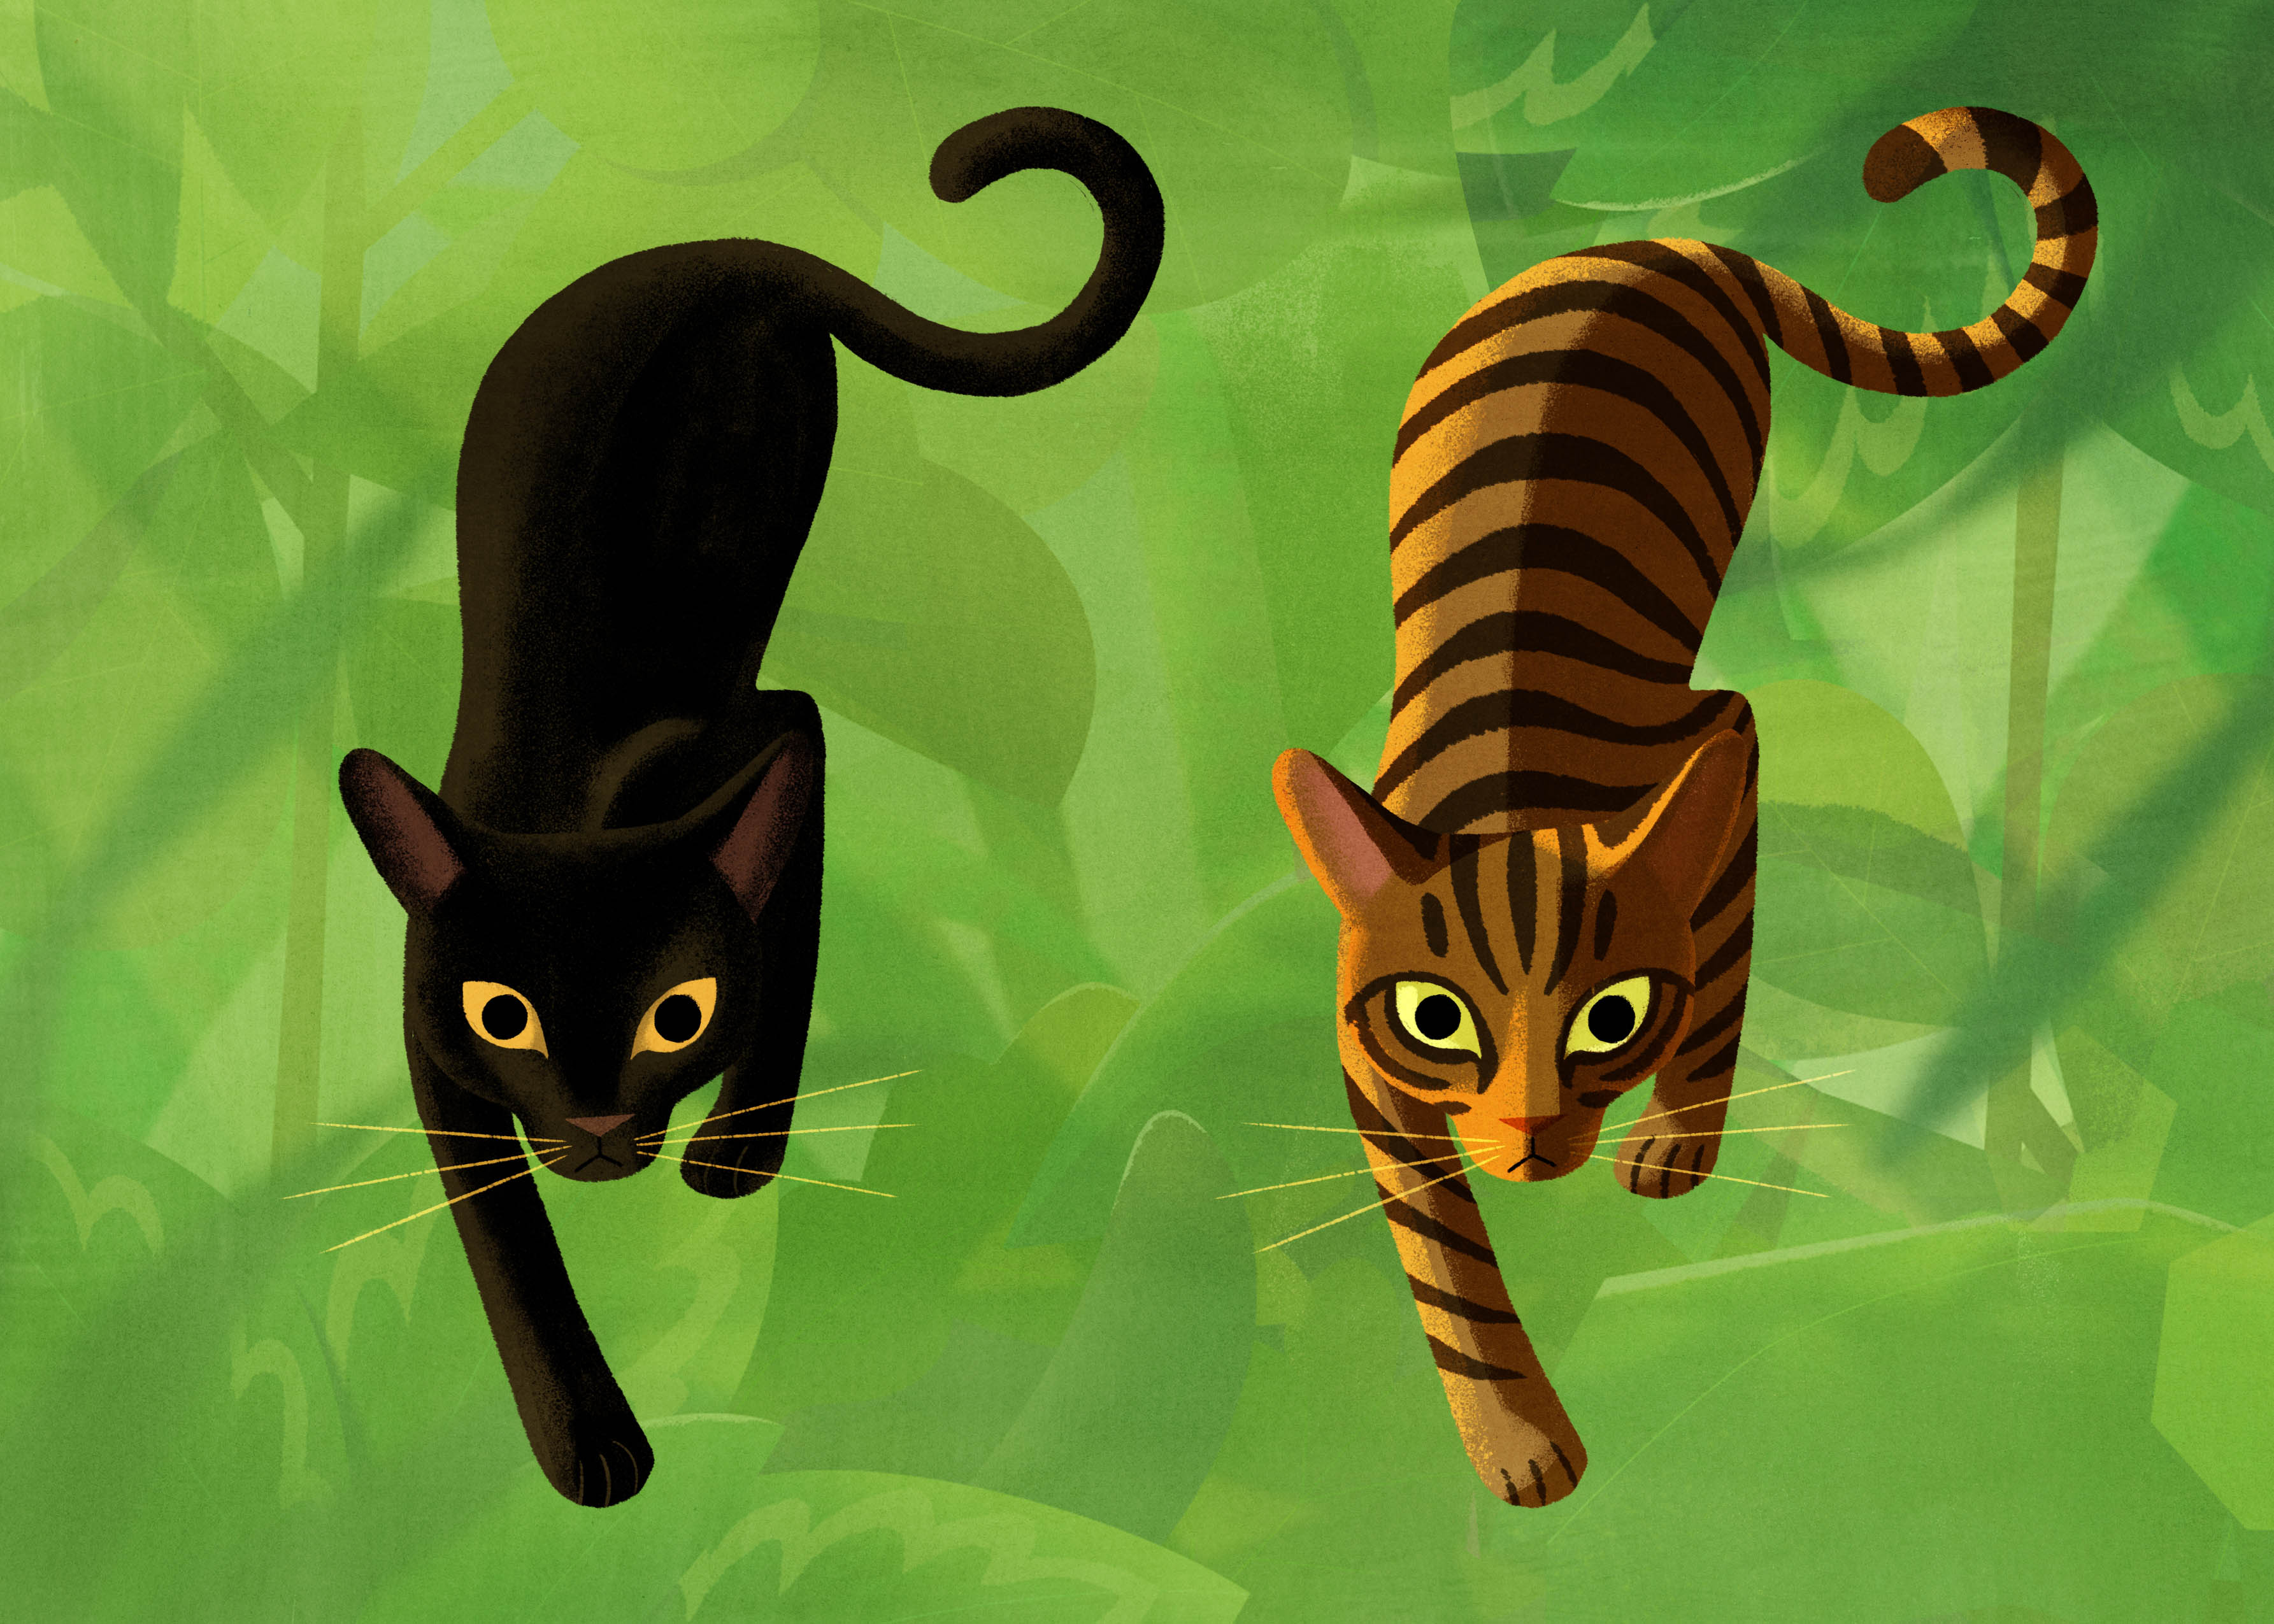 Mutual cats